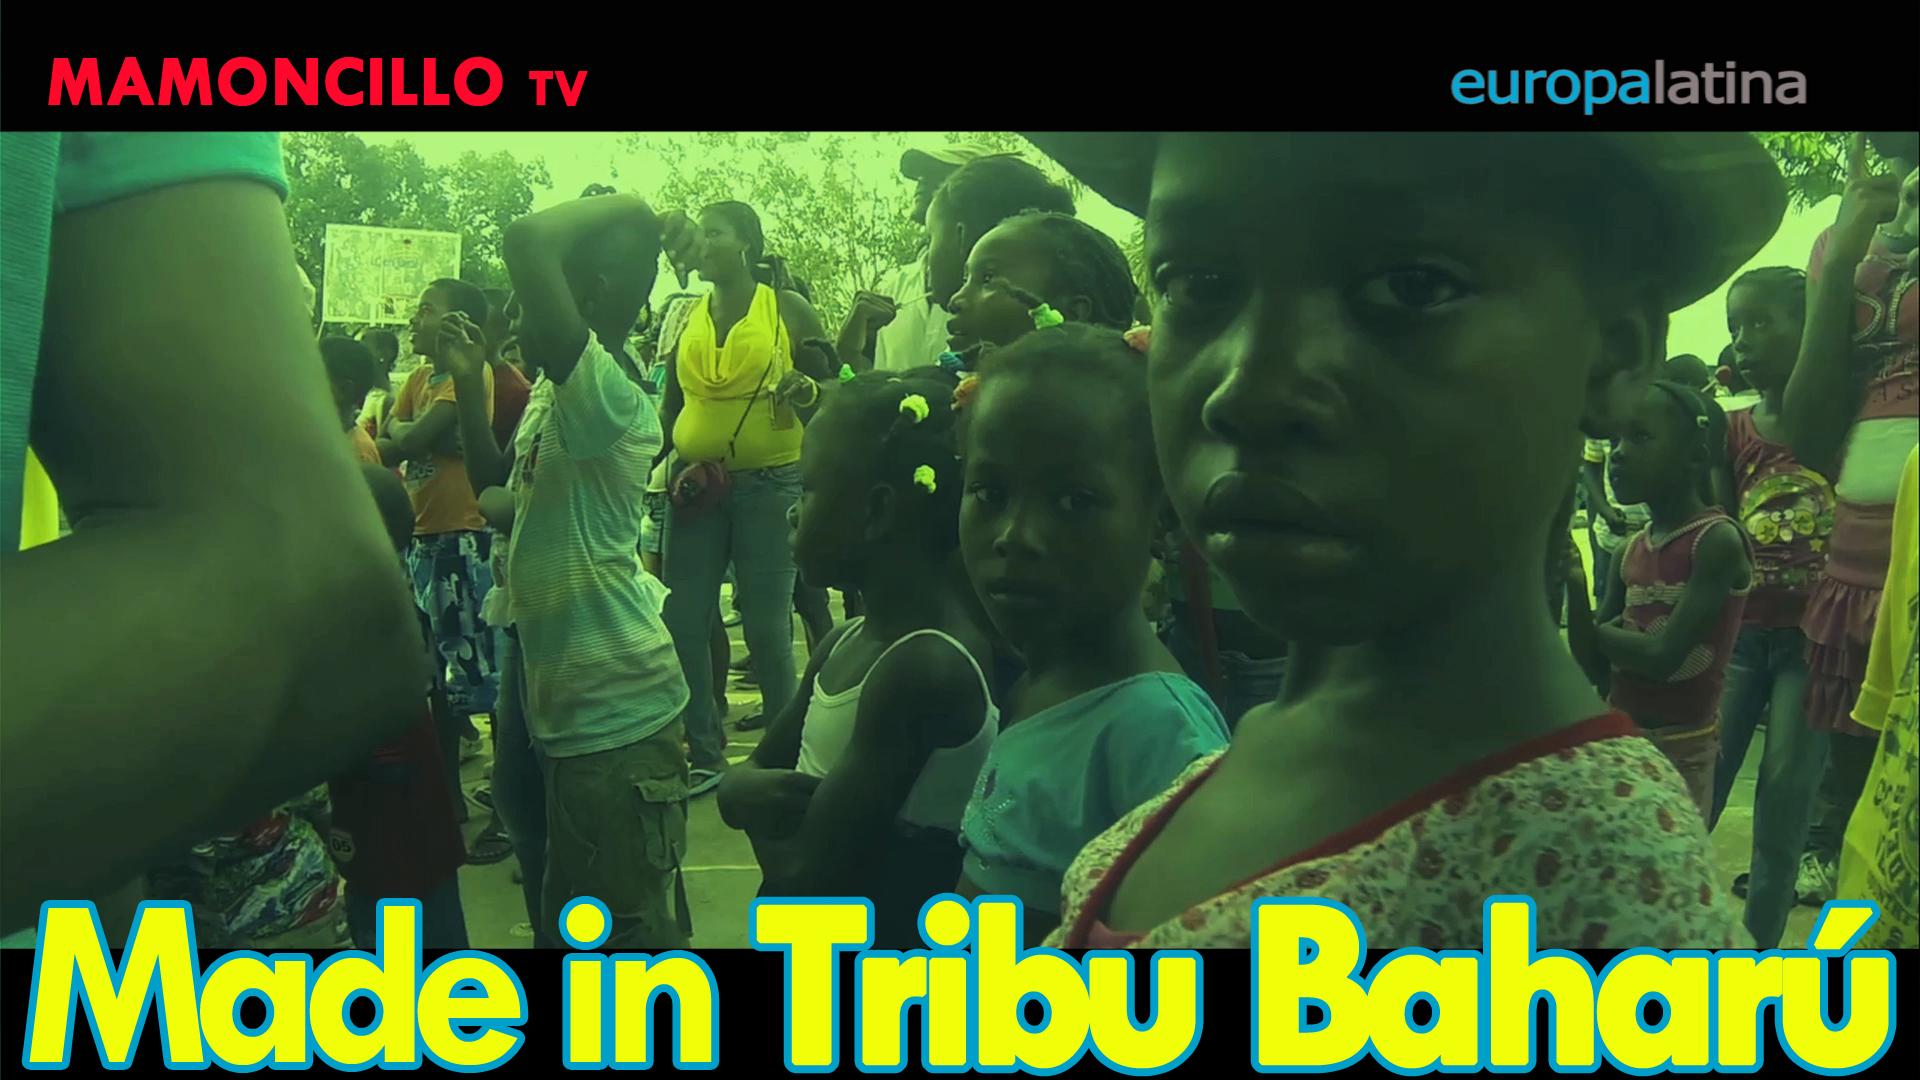 Made In Tribu Baharú